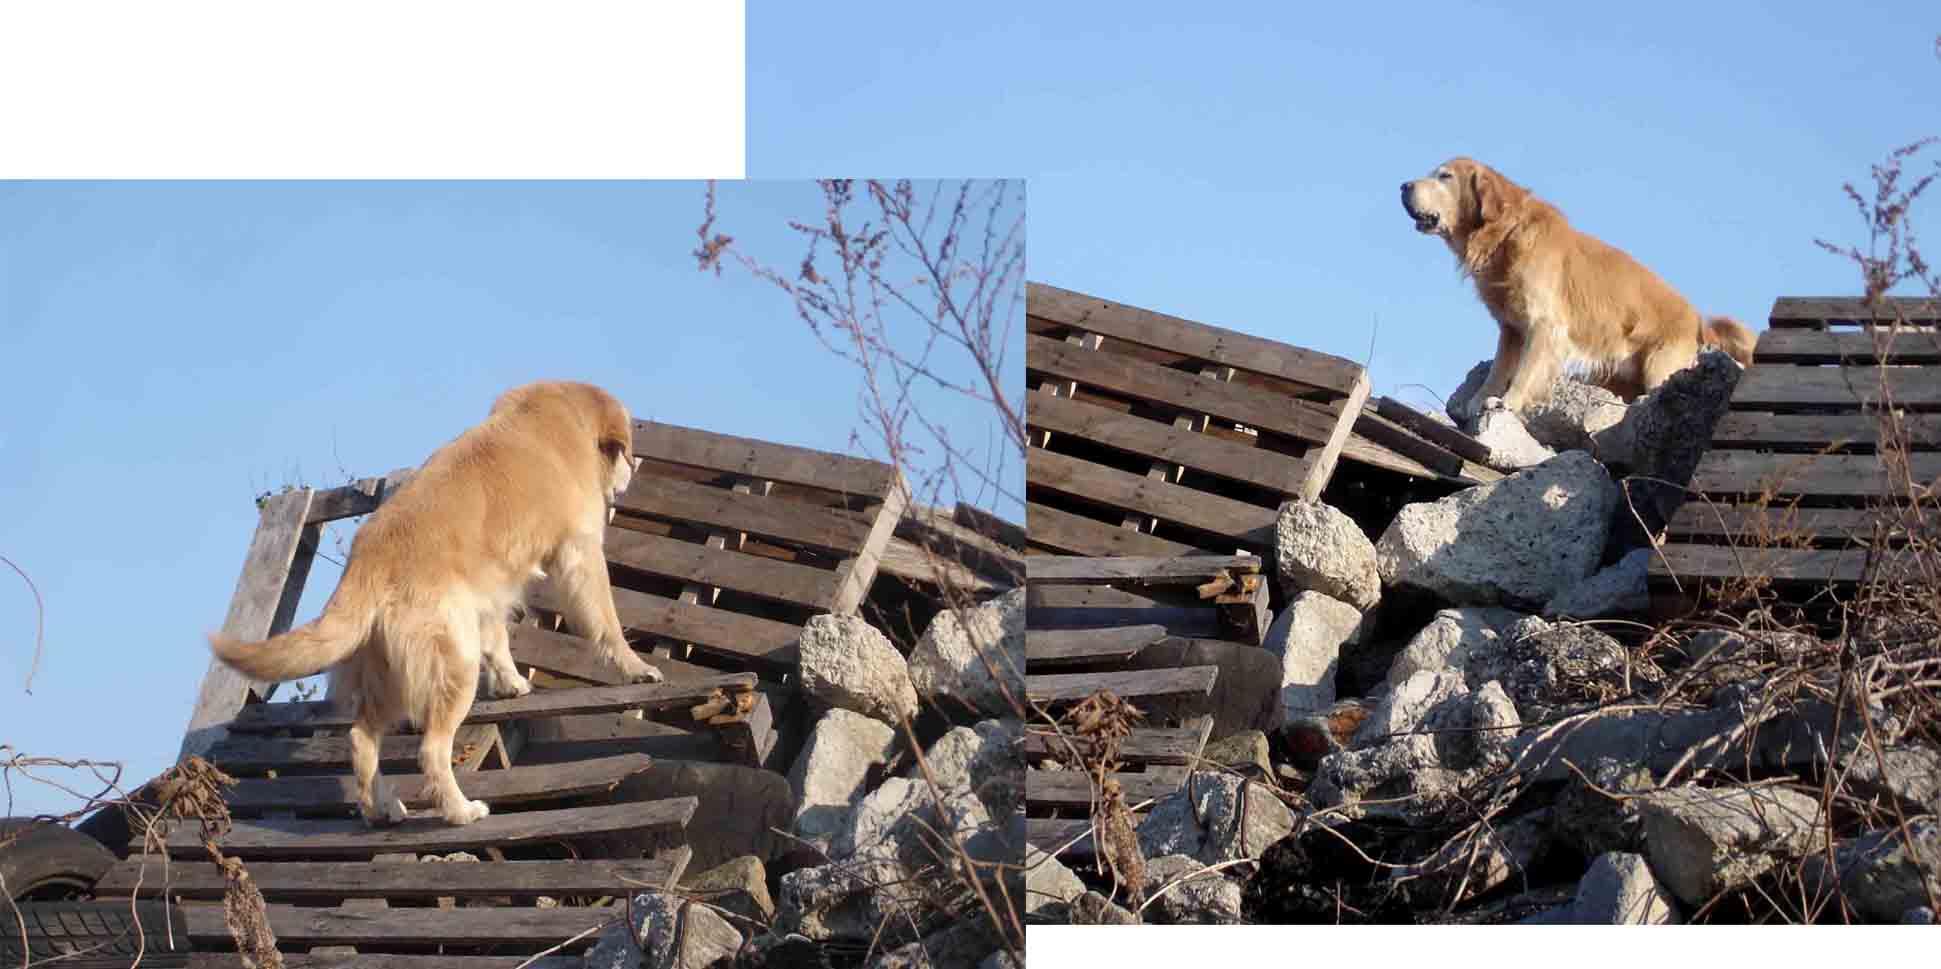 Gサンディの瓦礫捜索訓練